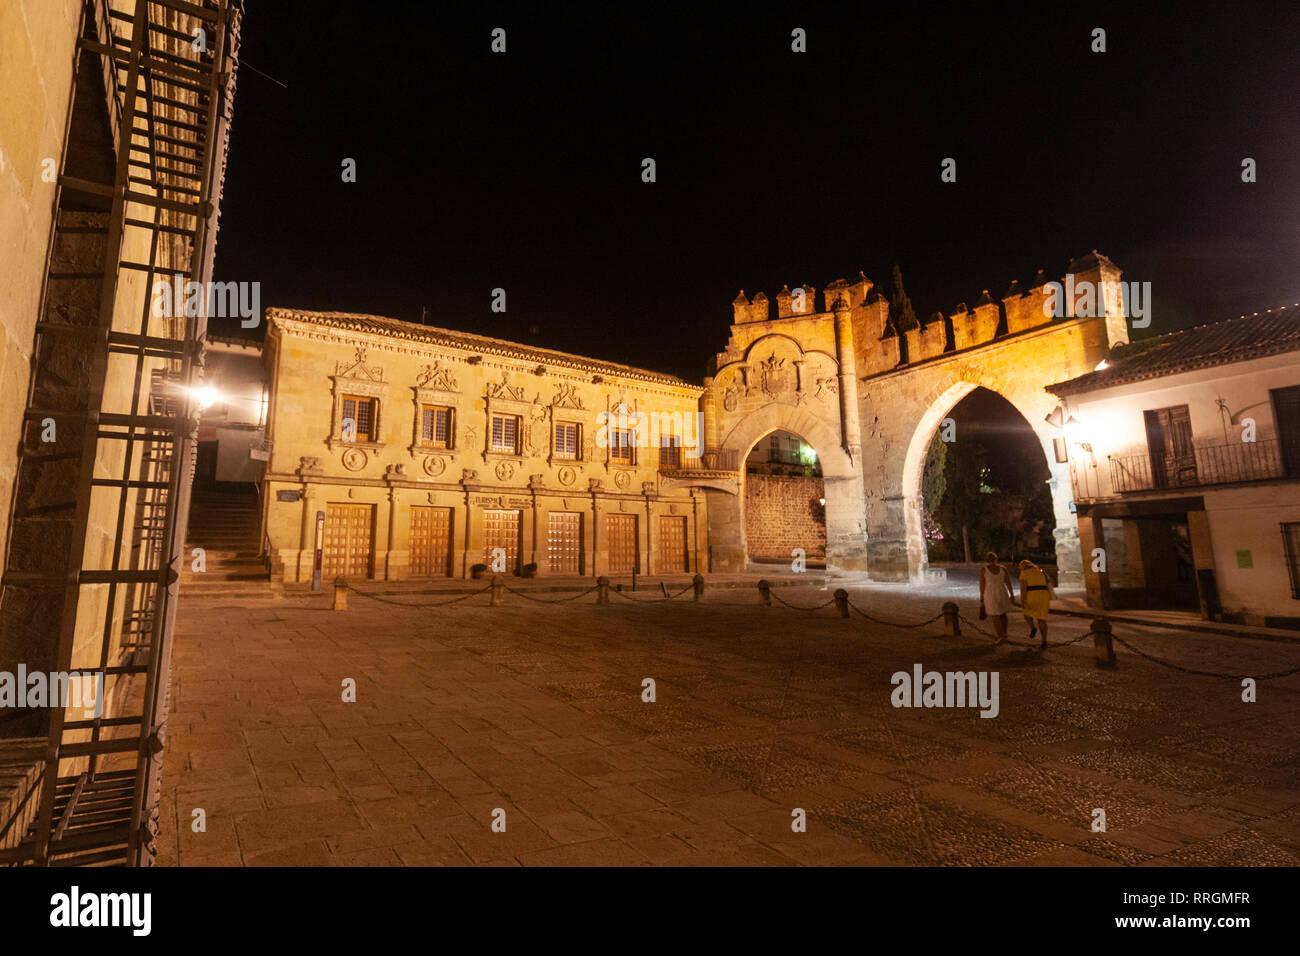 Puerta de Jaén y Arco de Villalar in Plaza del Pópulo, Baeza, Jaen province, Andalucia, Spain - Stock Image